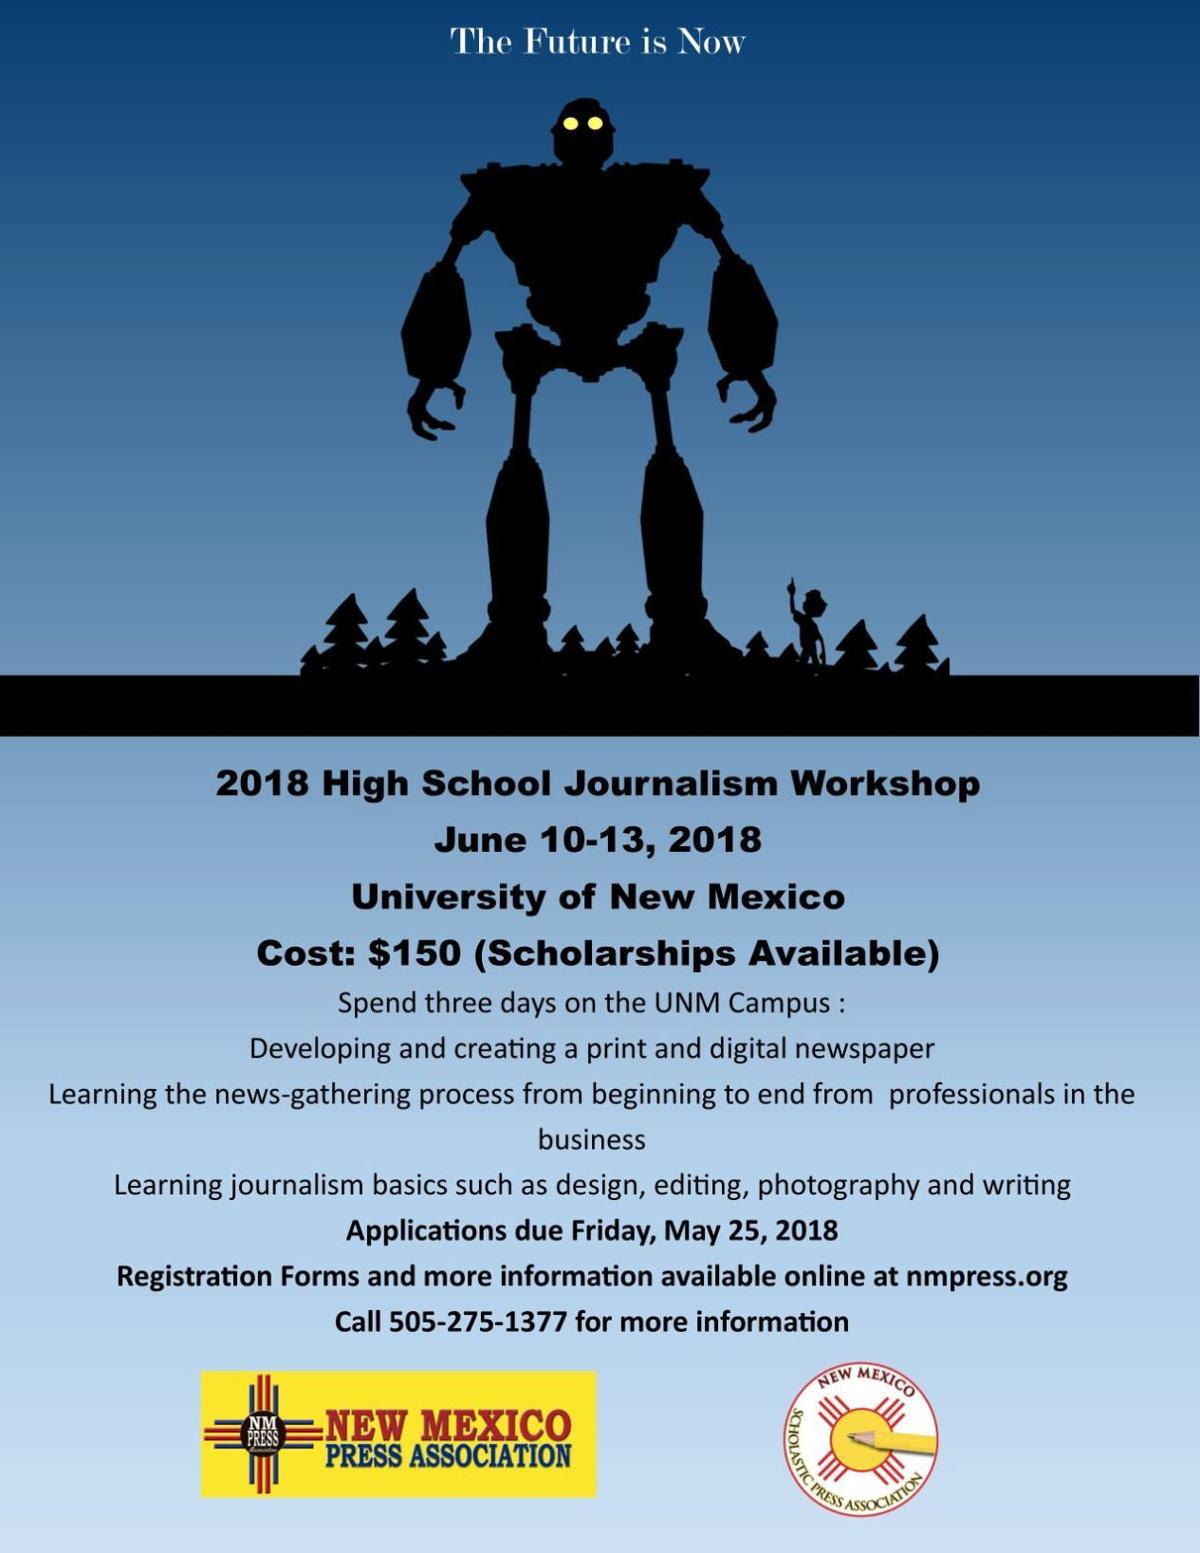 2018 High School Journalism Workshop